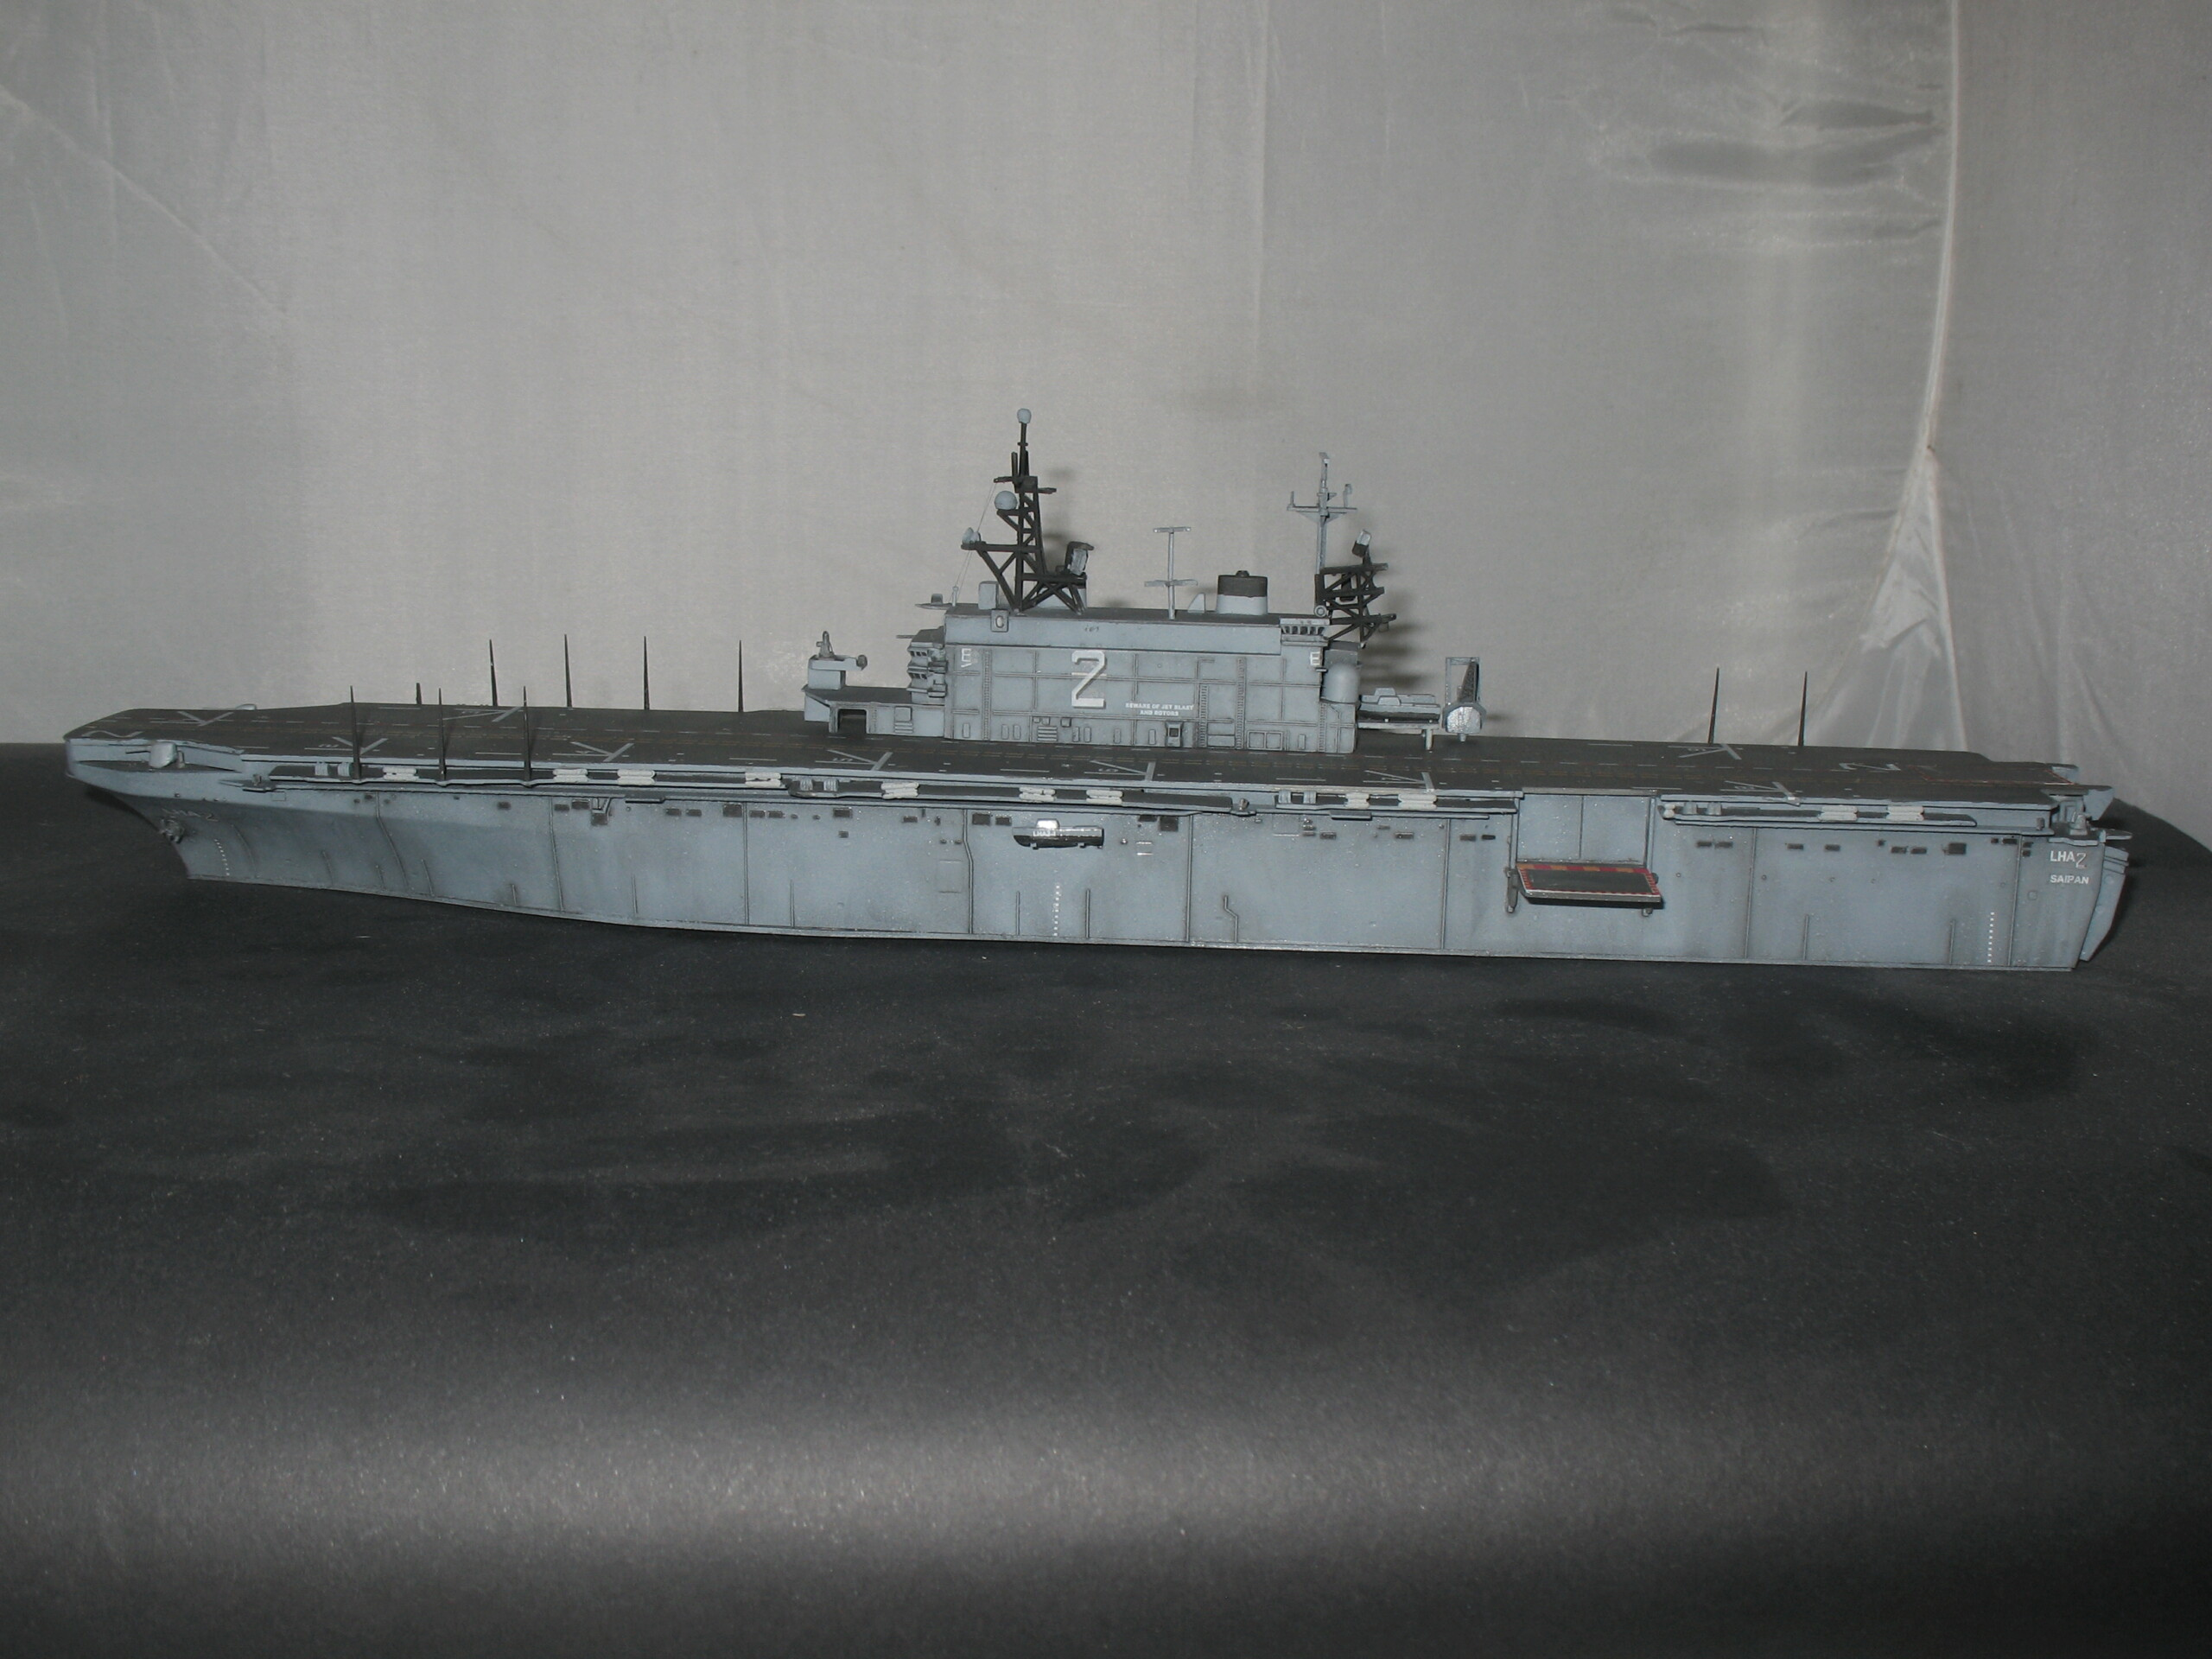 [Dragon] 1/700 USS Saipan LHA-2 Img_3836